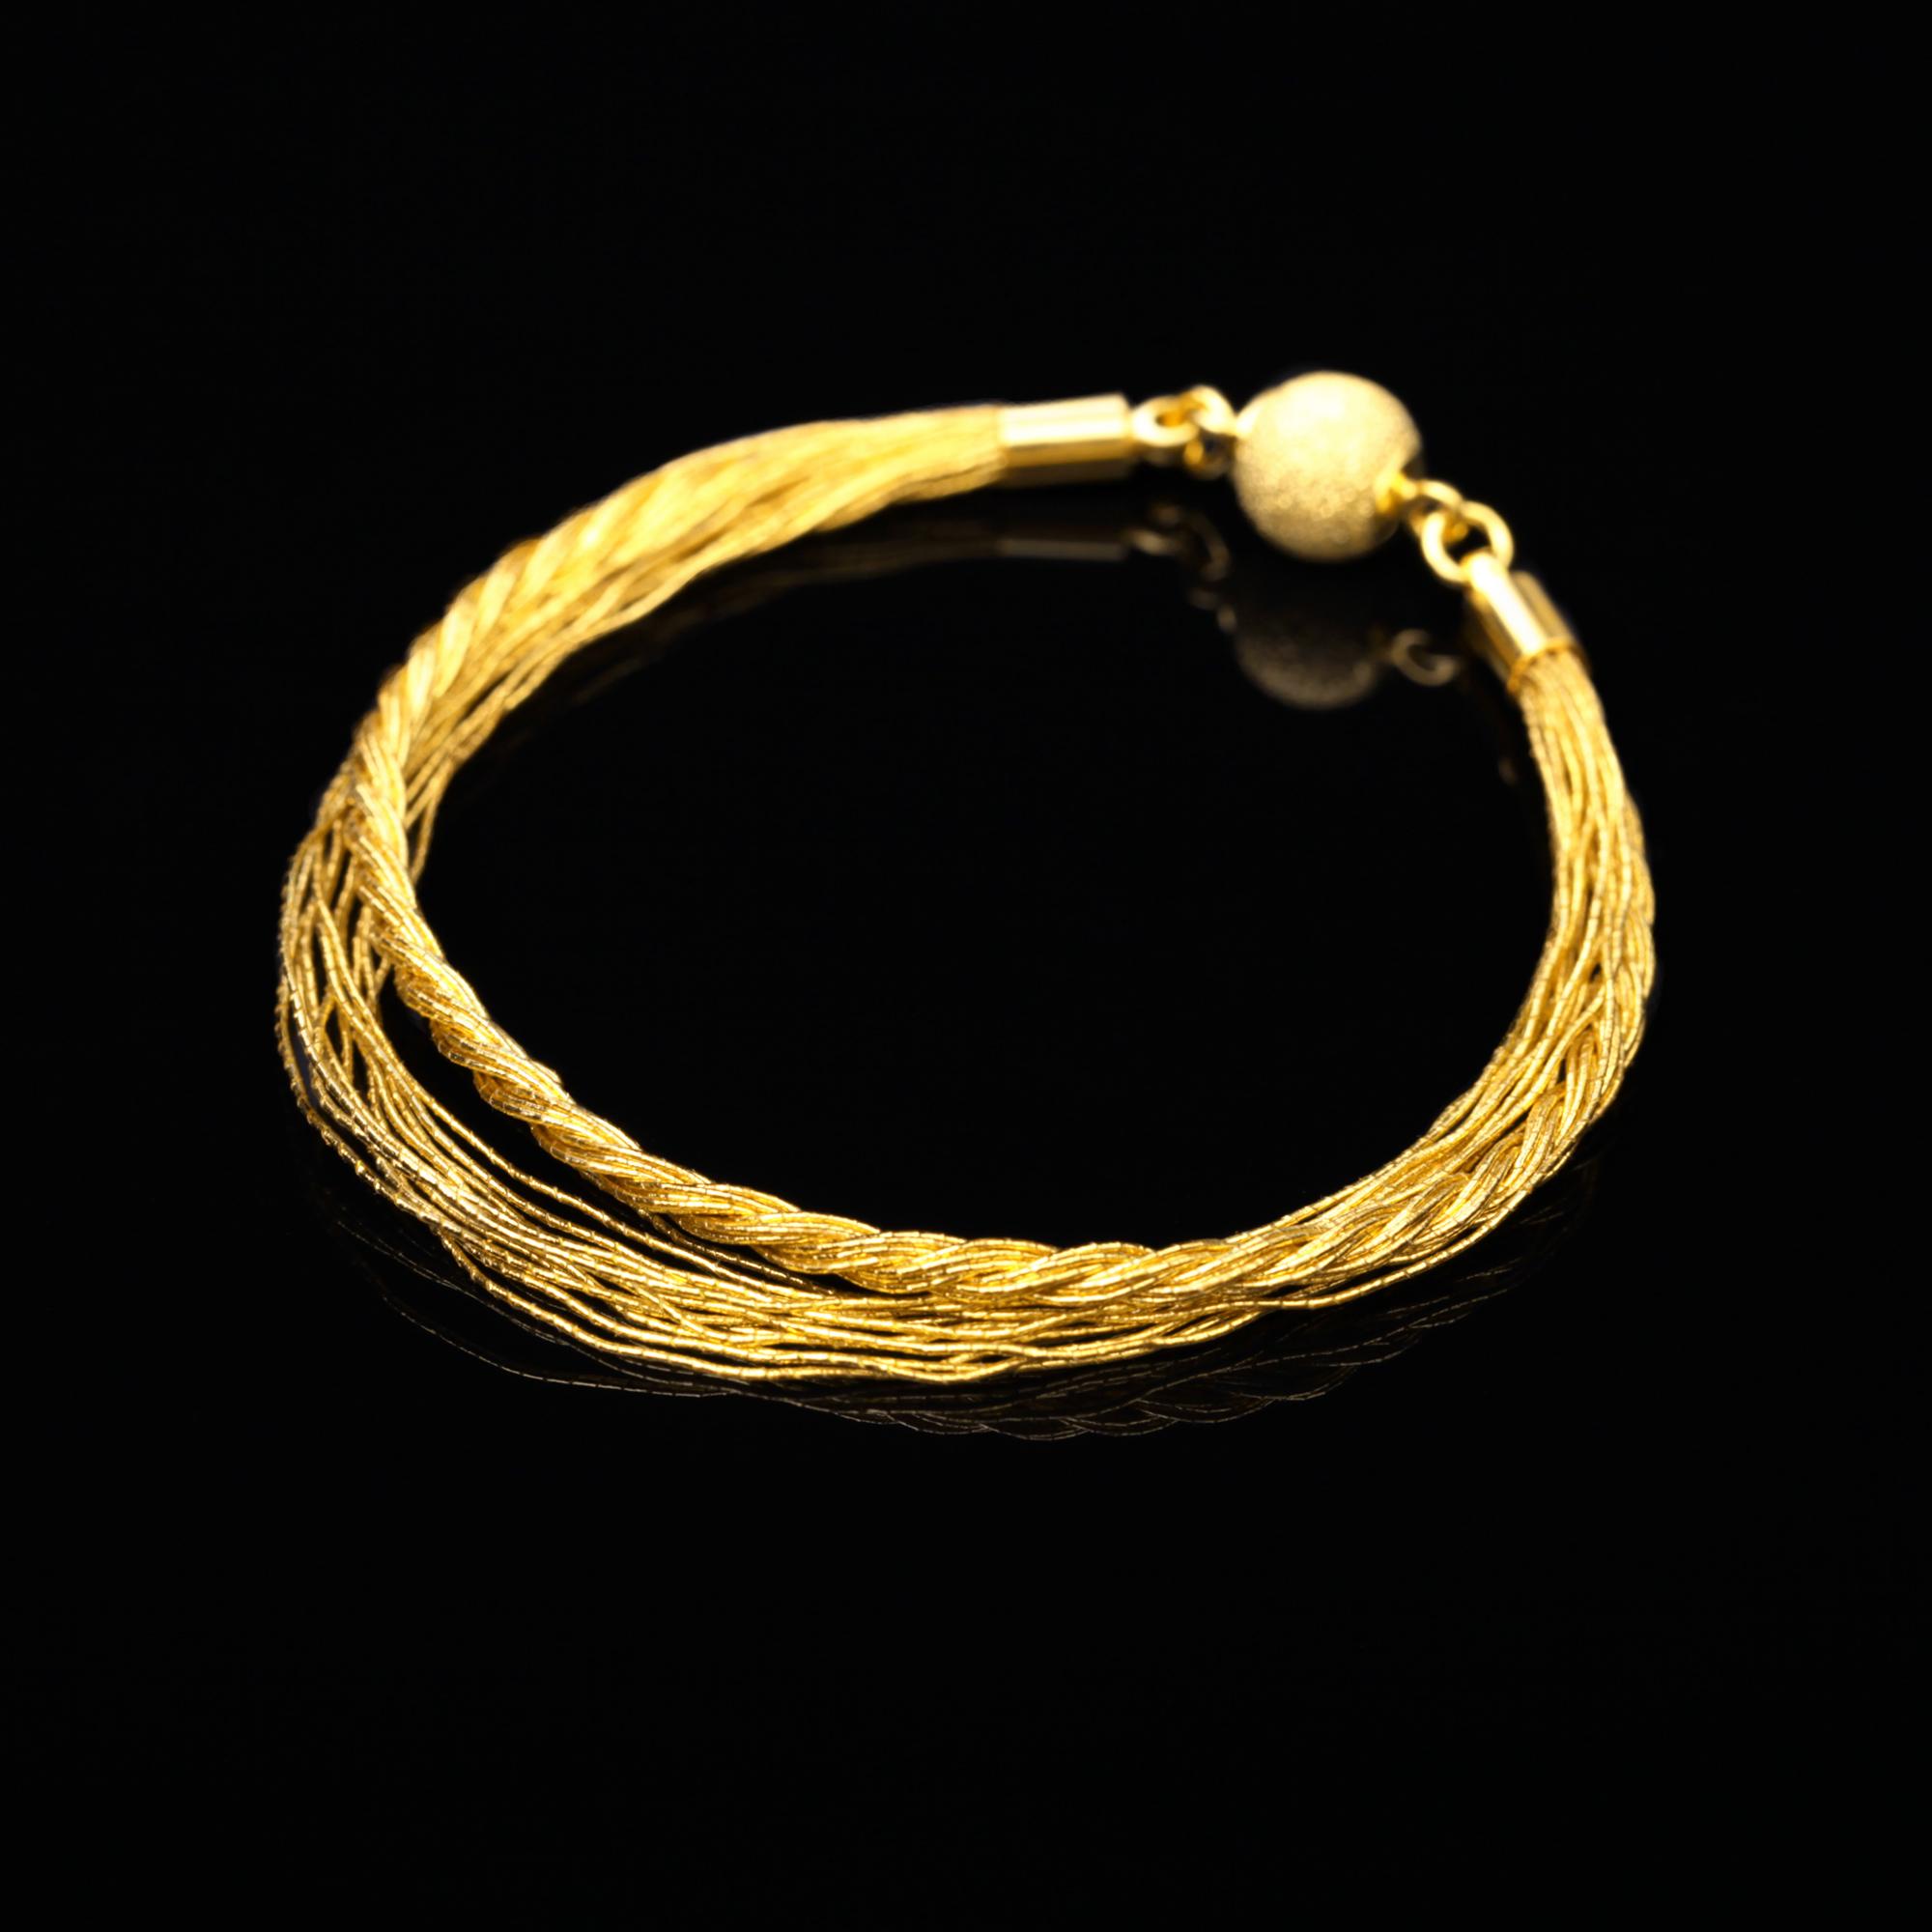 和の彩 金銀糸ブレスレットの商品写真です。型番:658-985 画像その1